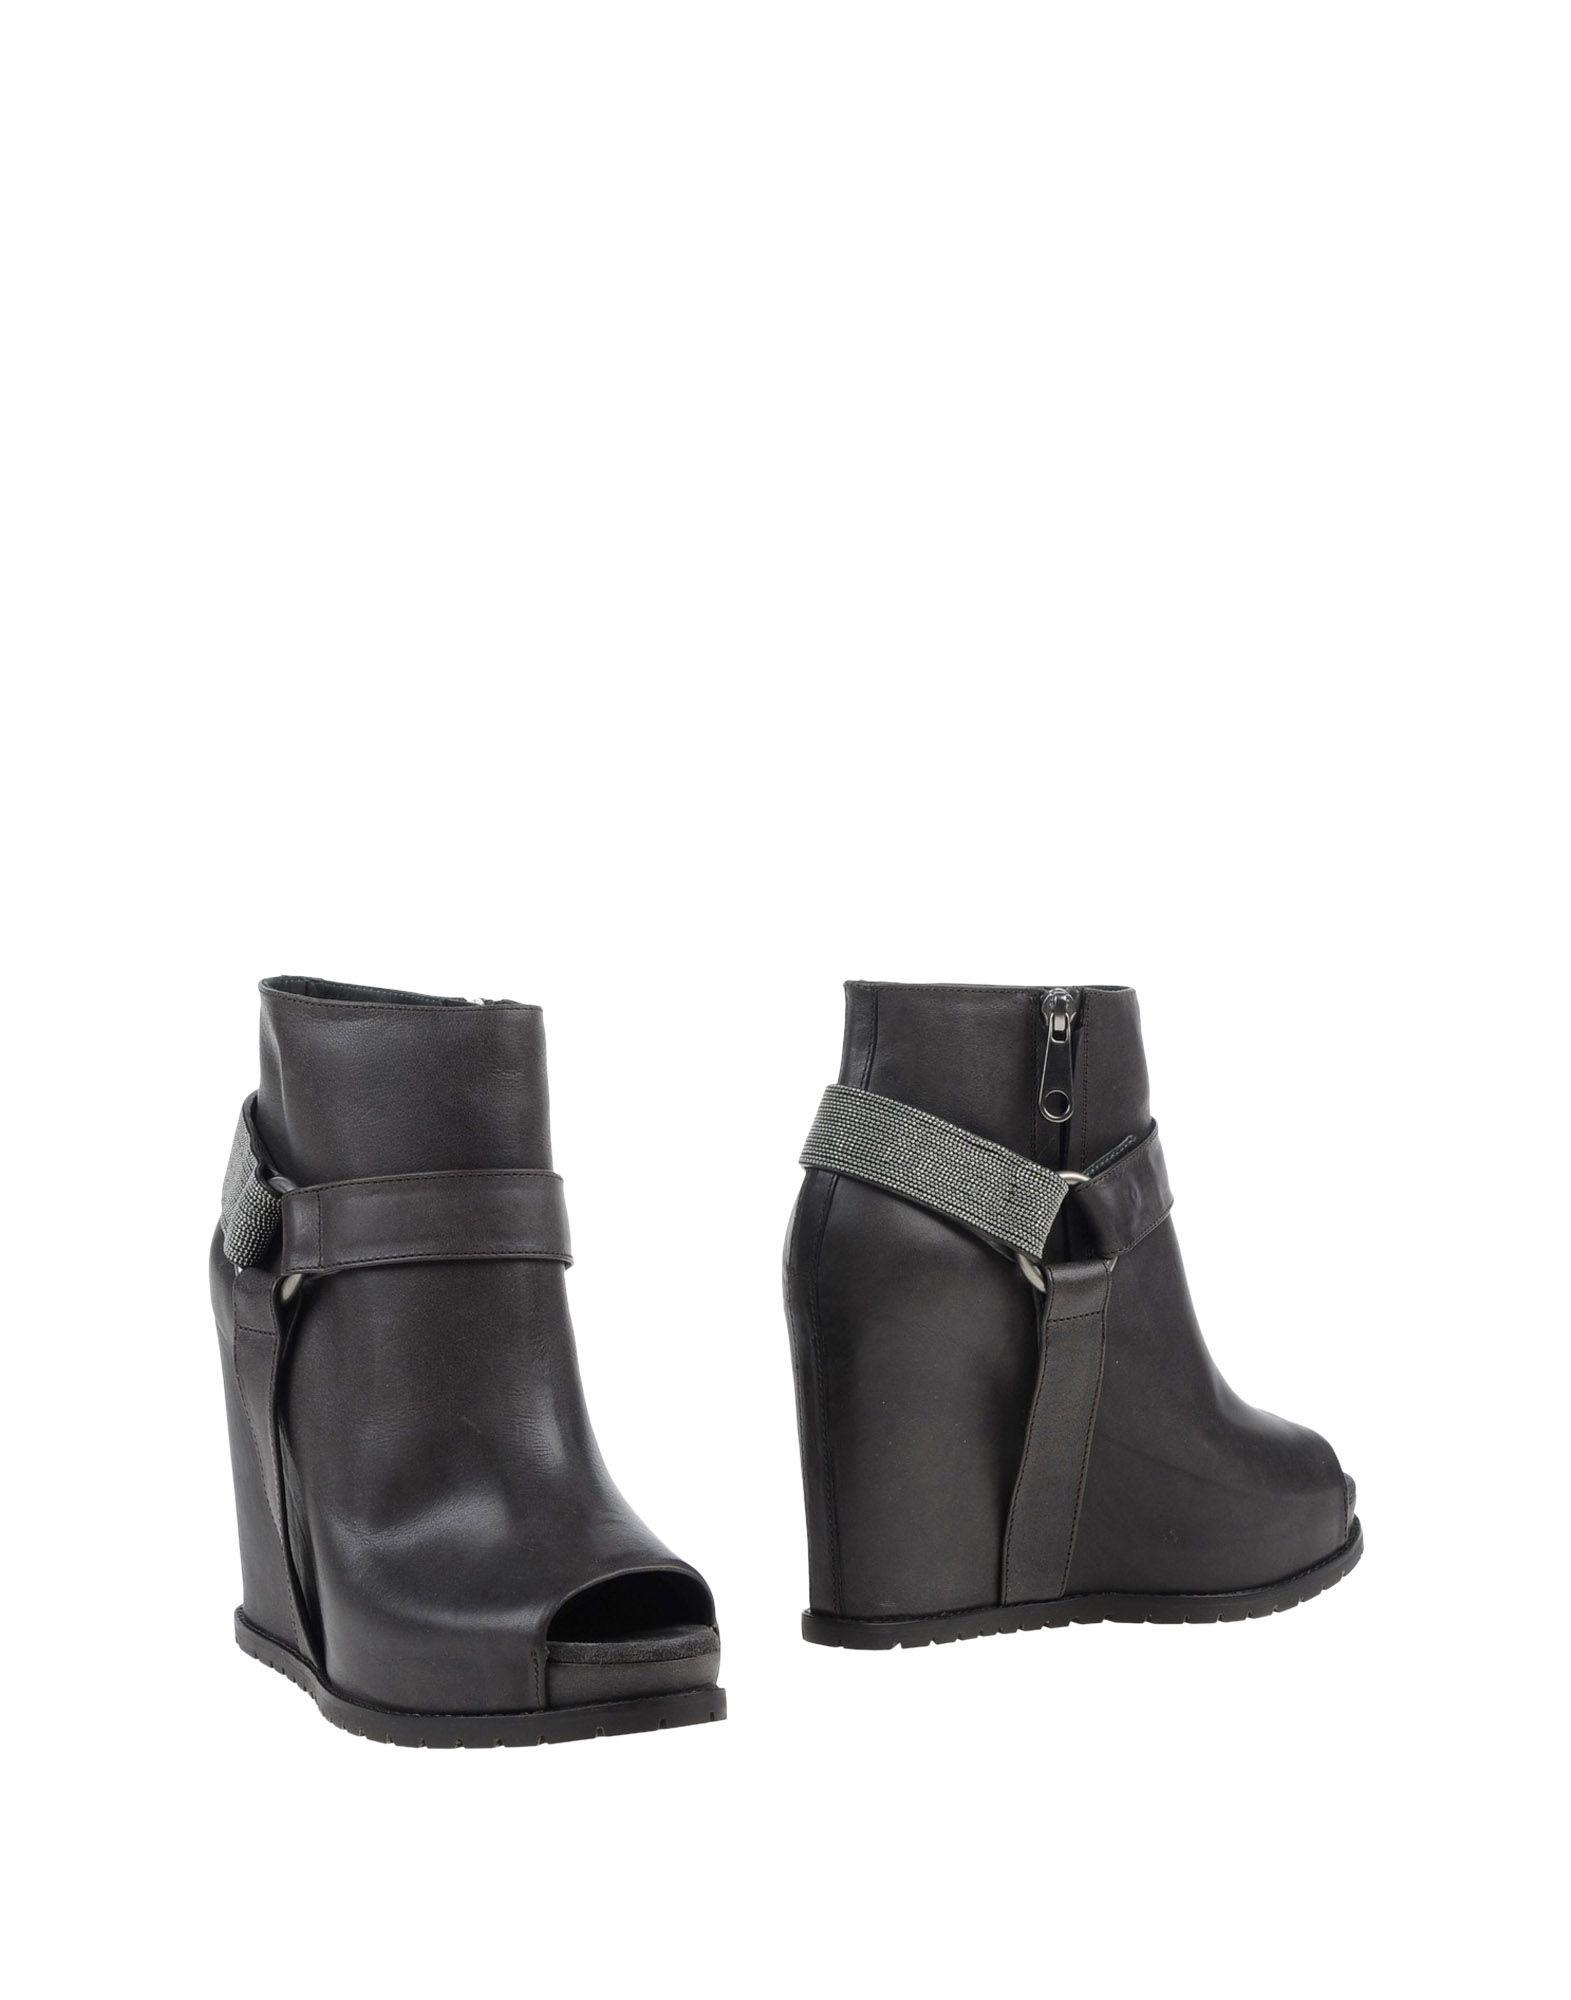 BRUNELLO CUCINELLI Полусапоги и высокие ботинки плейбой бренд осенью открытый скалолазания и пешие прогулки досуга для дыхания и водонепроницаемым мужские ботинки